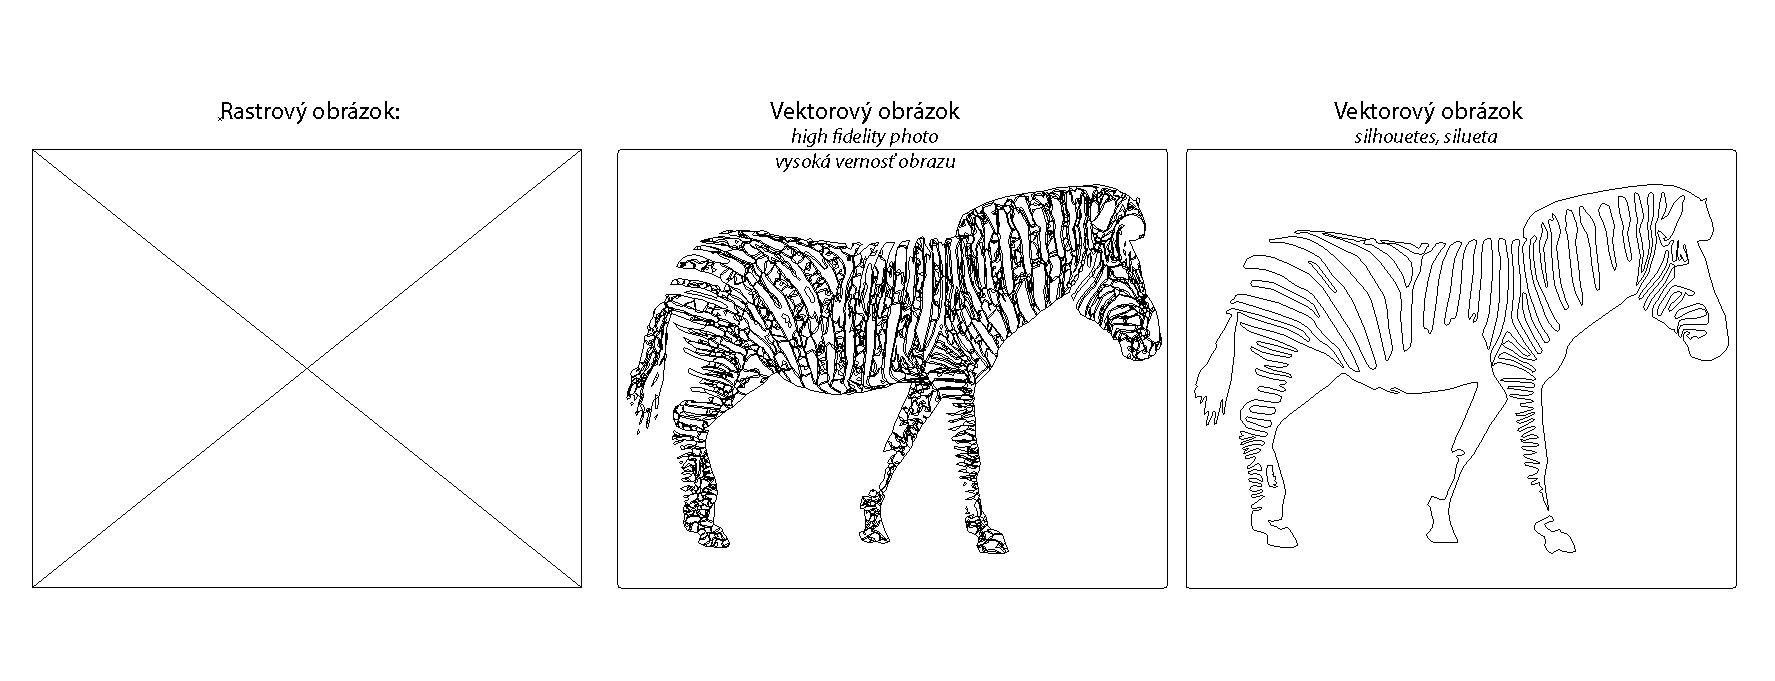 adobe illustrator - zebra ako priklad vektorizácie obrazu aj vo verzii outline